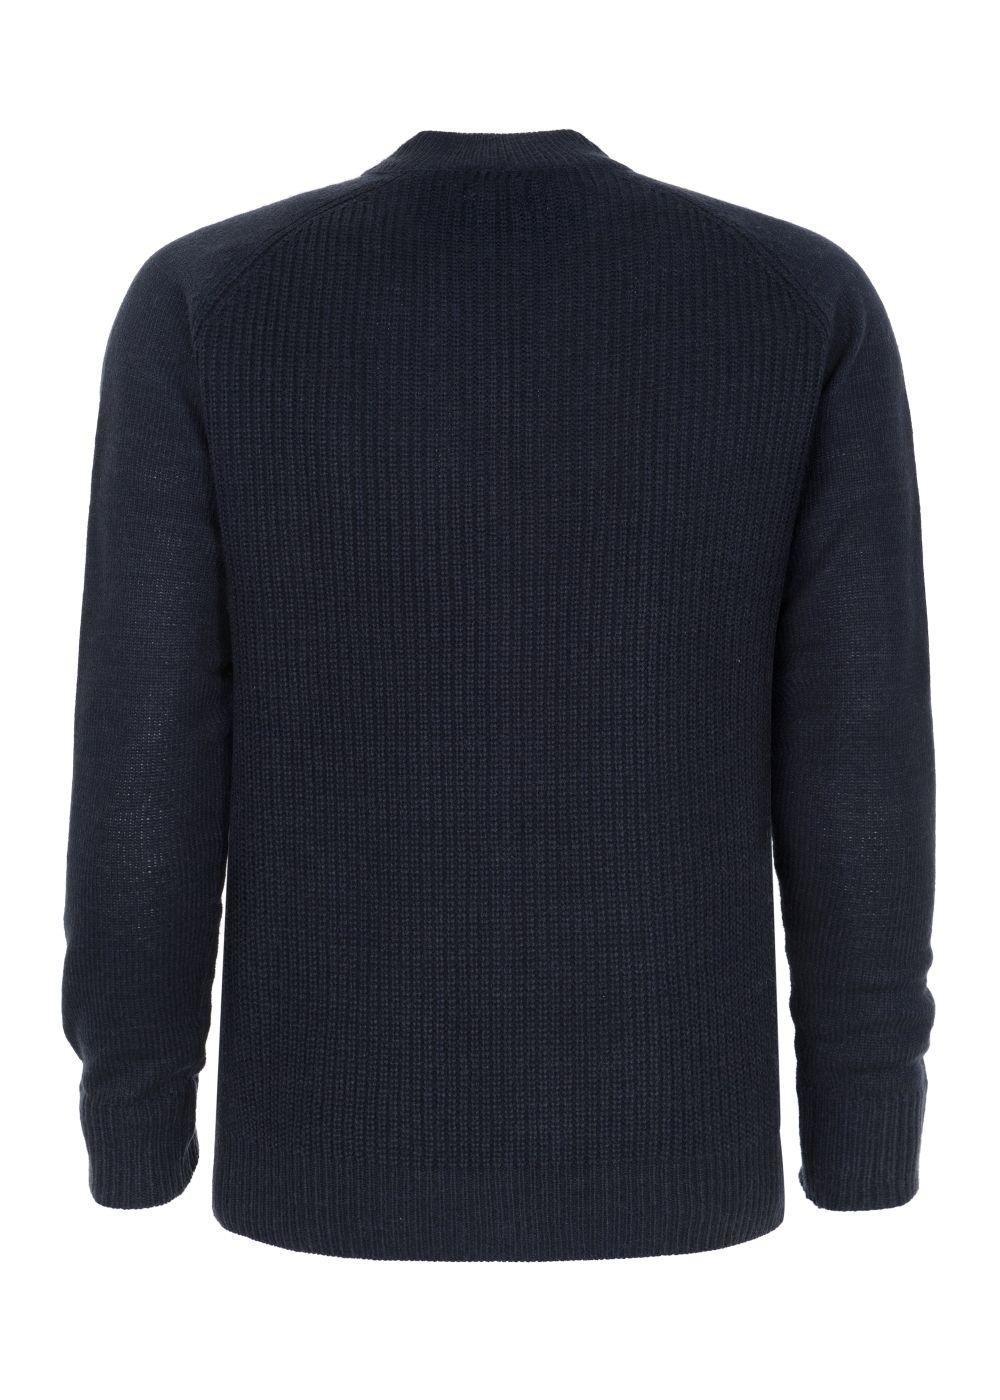 Sweter męski SWEMT-0084-69(Z20)